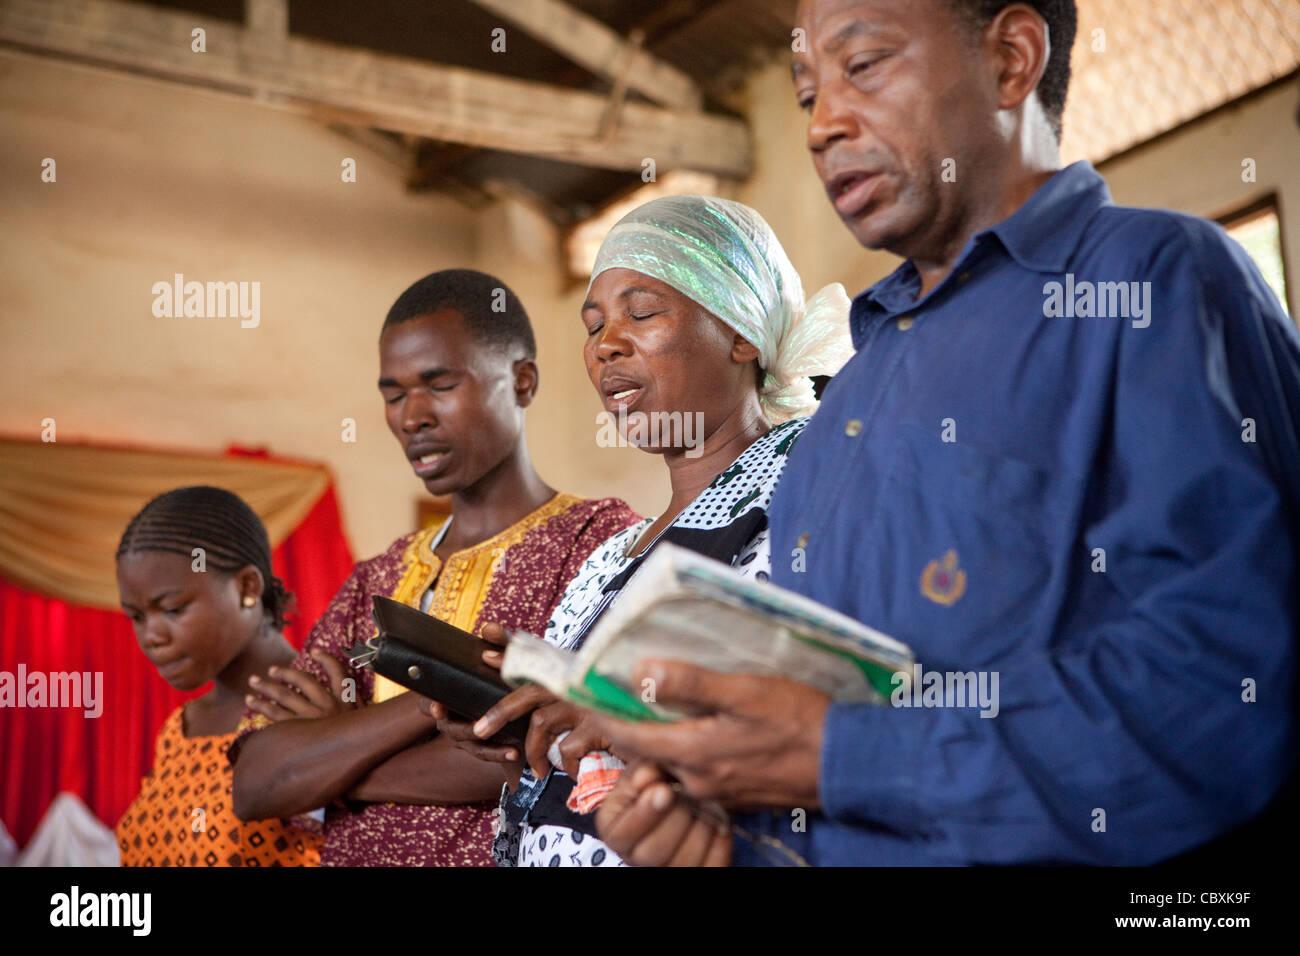 Les paroissiens prient ensemble dans une église de Morogoro, Tanzanie, Afrique de l'Est. Photo Stock